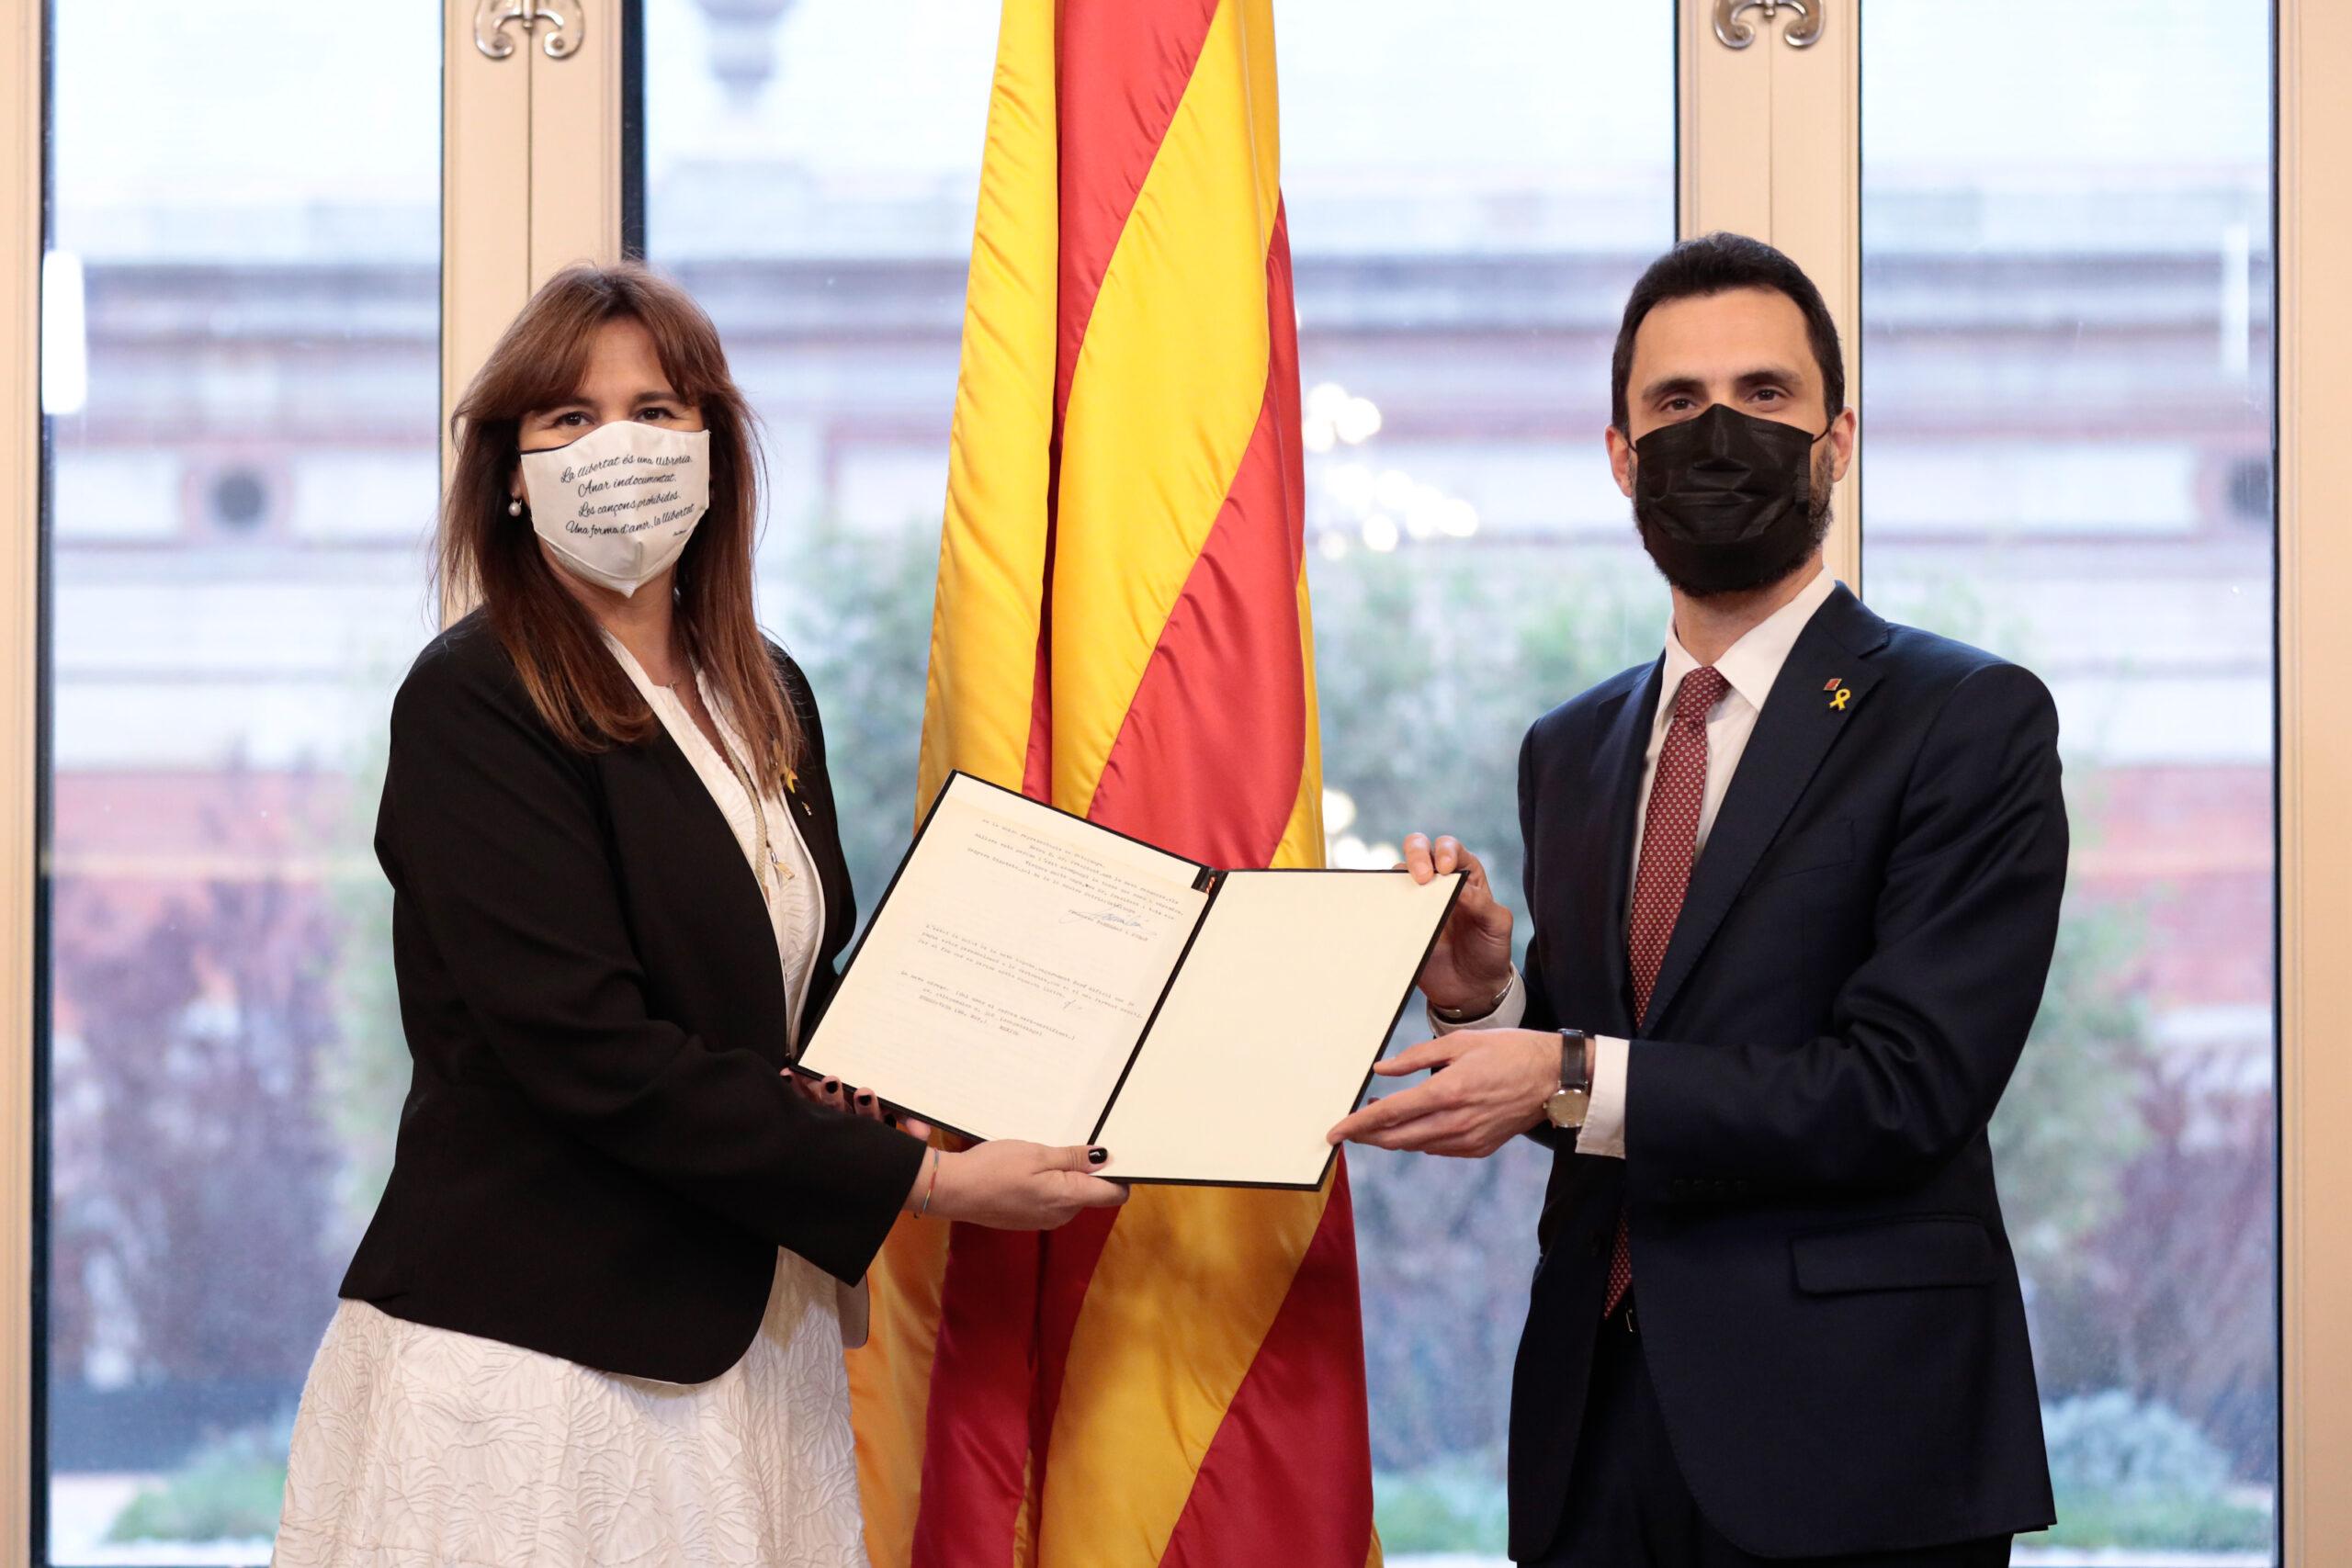 La presidenta del Parlament, Laura Borràs, rep de mans de l'expresident Roger Torrent la tradicional carta de Francesc Farreras, després de la seva proclamació | ACN